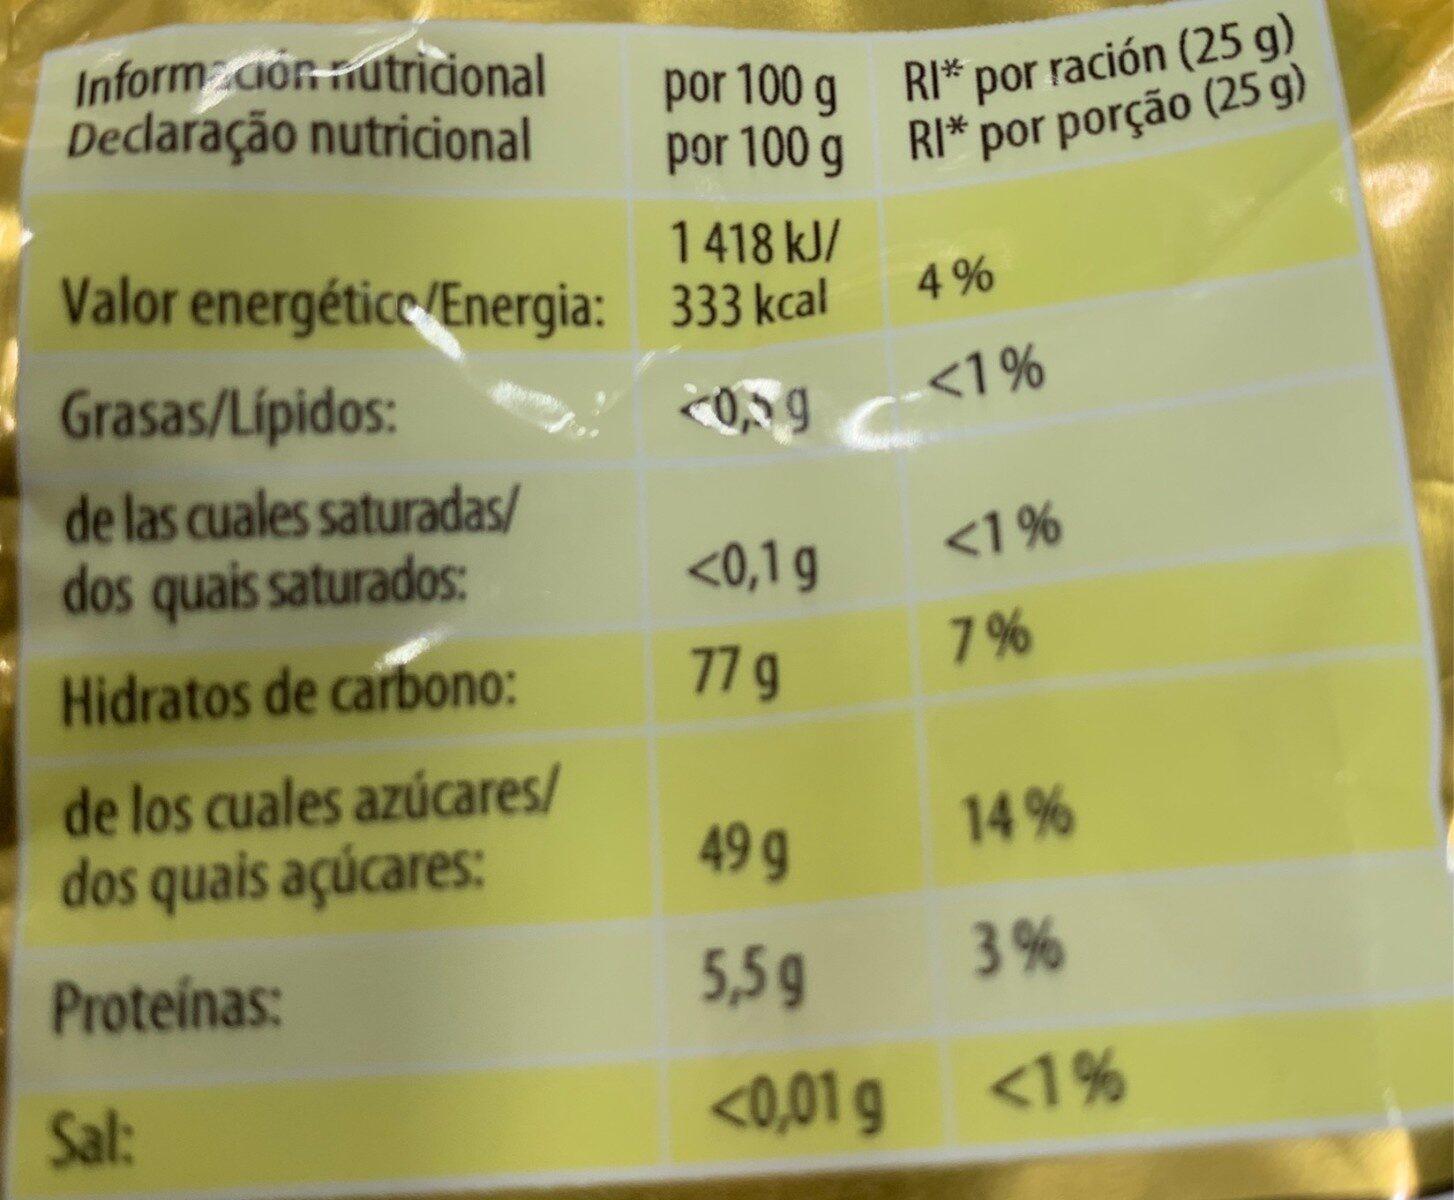 Haribo ositos de oro recubiertos de azúcar - Nutrition facts